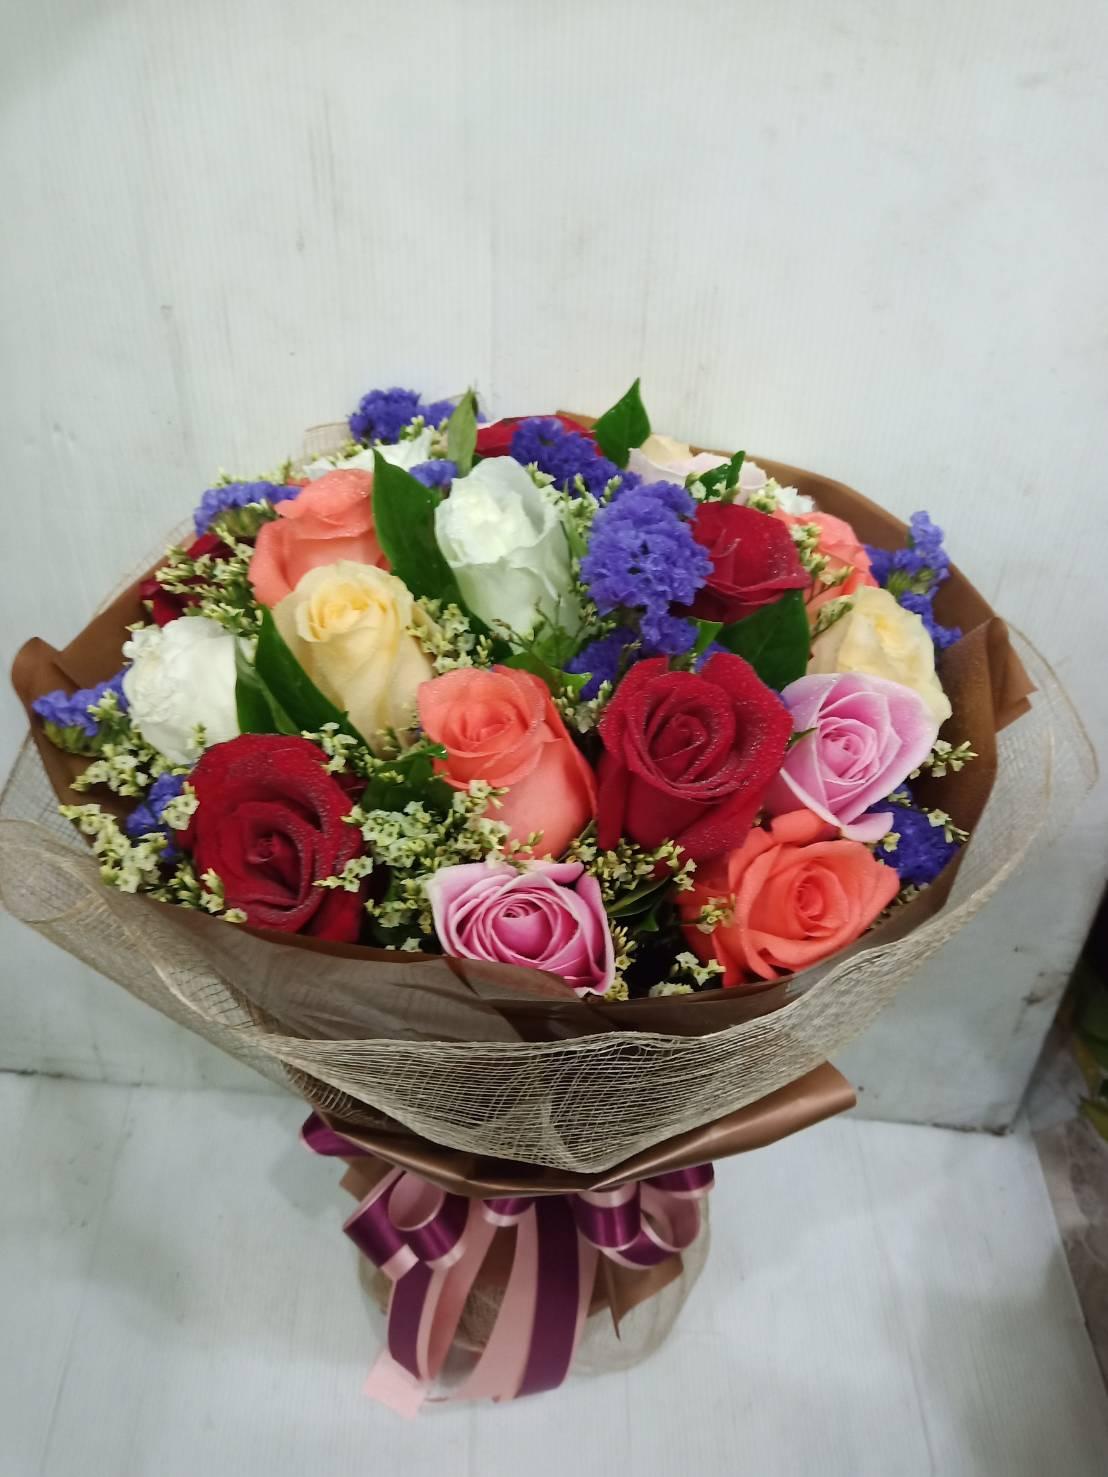 ช่อดอกกุหลาบหลากสีสันสวยงาม แซมด้วยดอกสแตติสและดอกยิปโซ